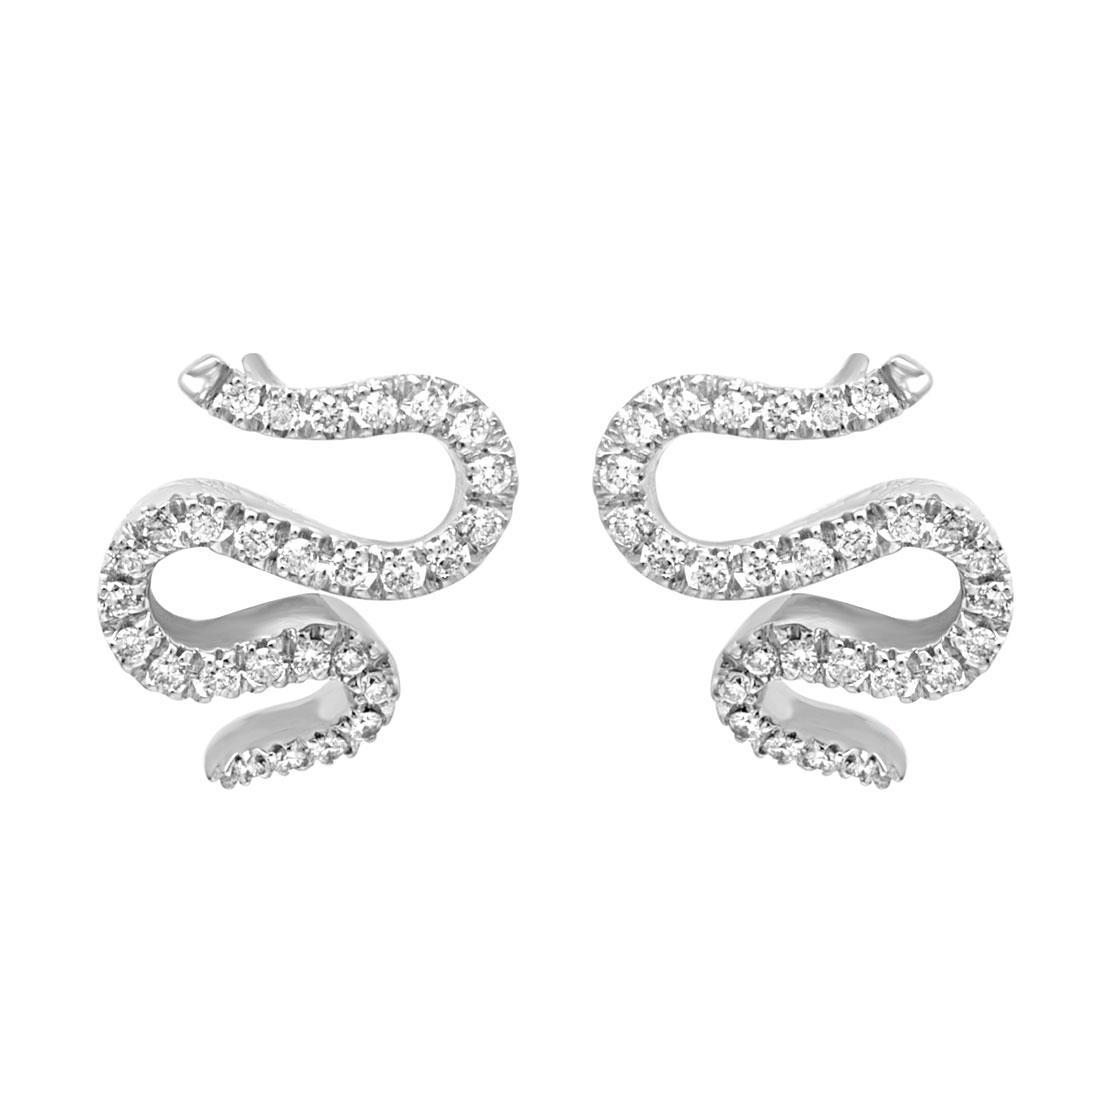 Orecchini in oro bianco a forma di serpente con diamanti ct 0.54 - SALVINI